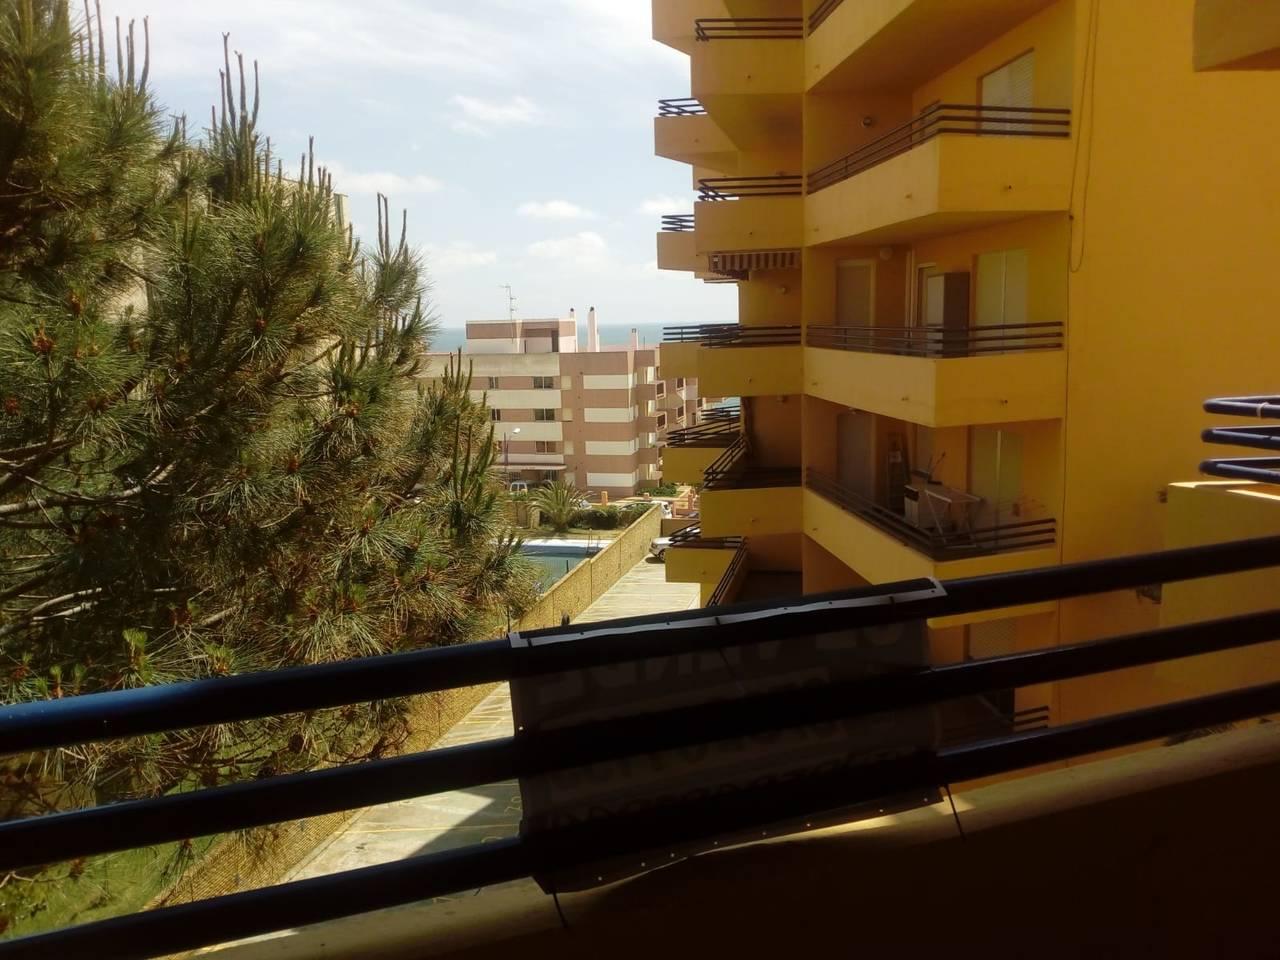 Piso en Malascañas (Huelva)  - Foto 8